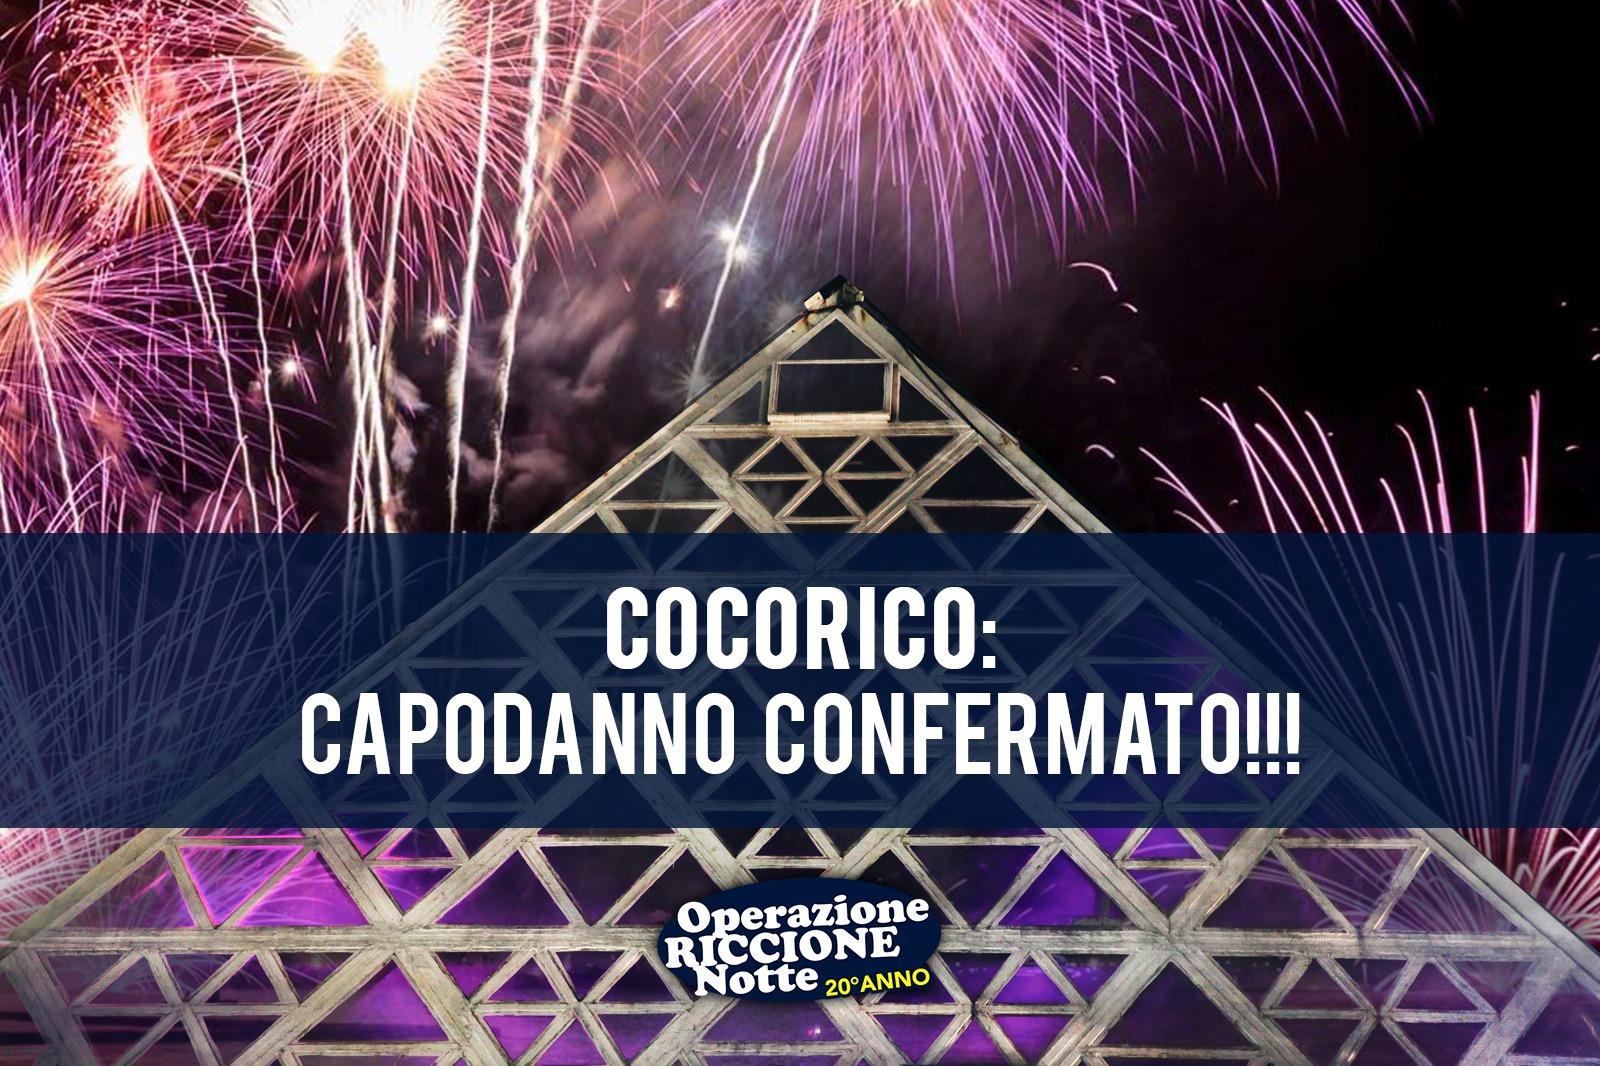 Confermato: il Capodanno del Cocorico si farà!